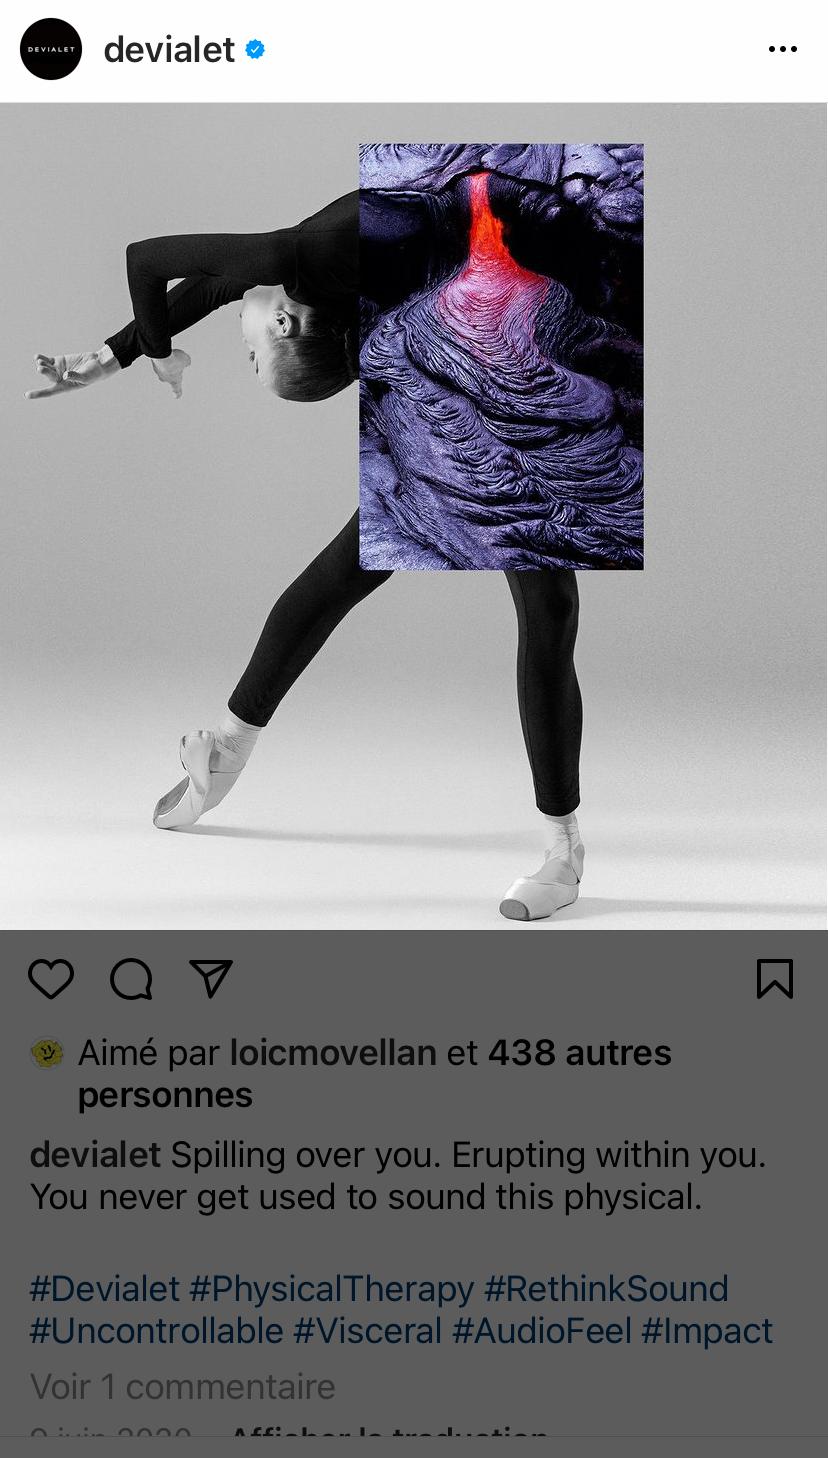 mise-en-situ-instagram-devialet3